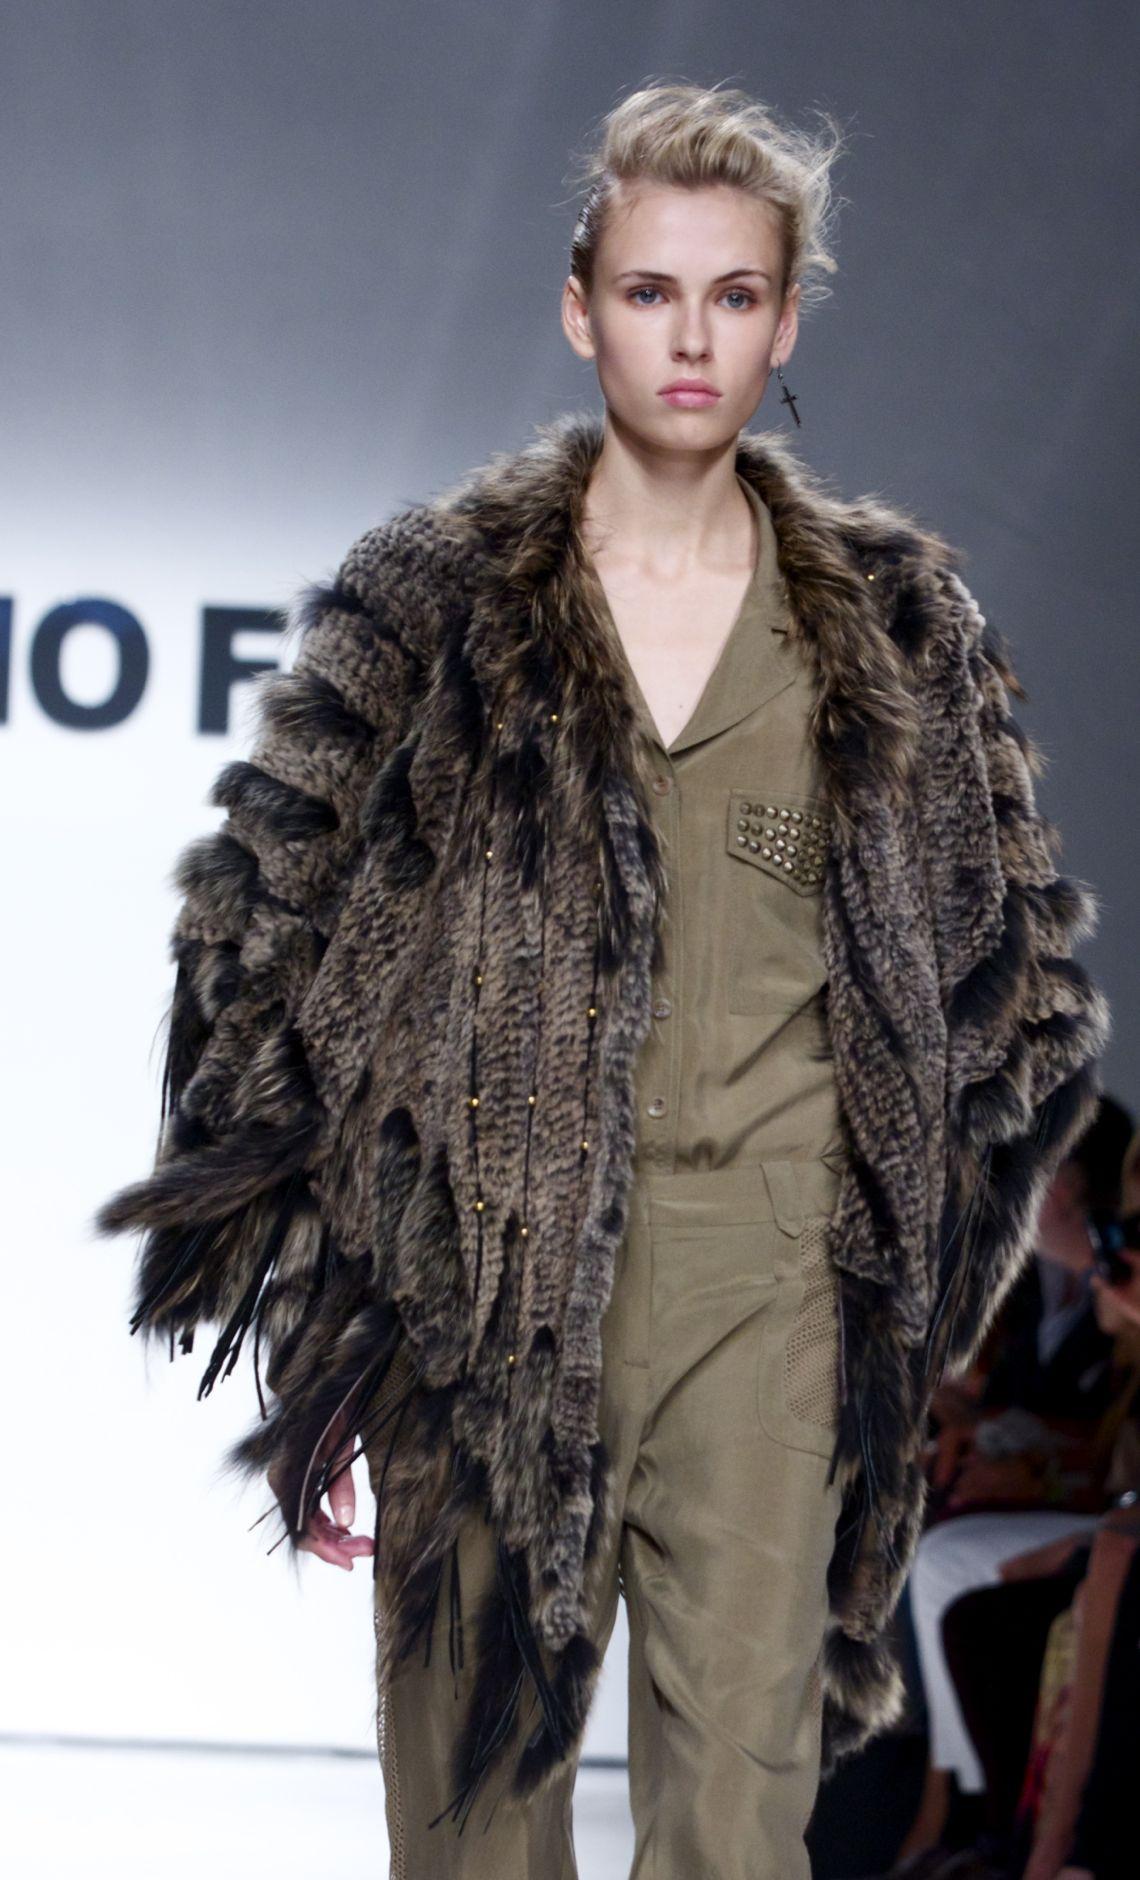 Jo No Fui Women's Collection 2013 Milan Fashion Week